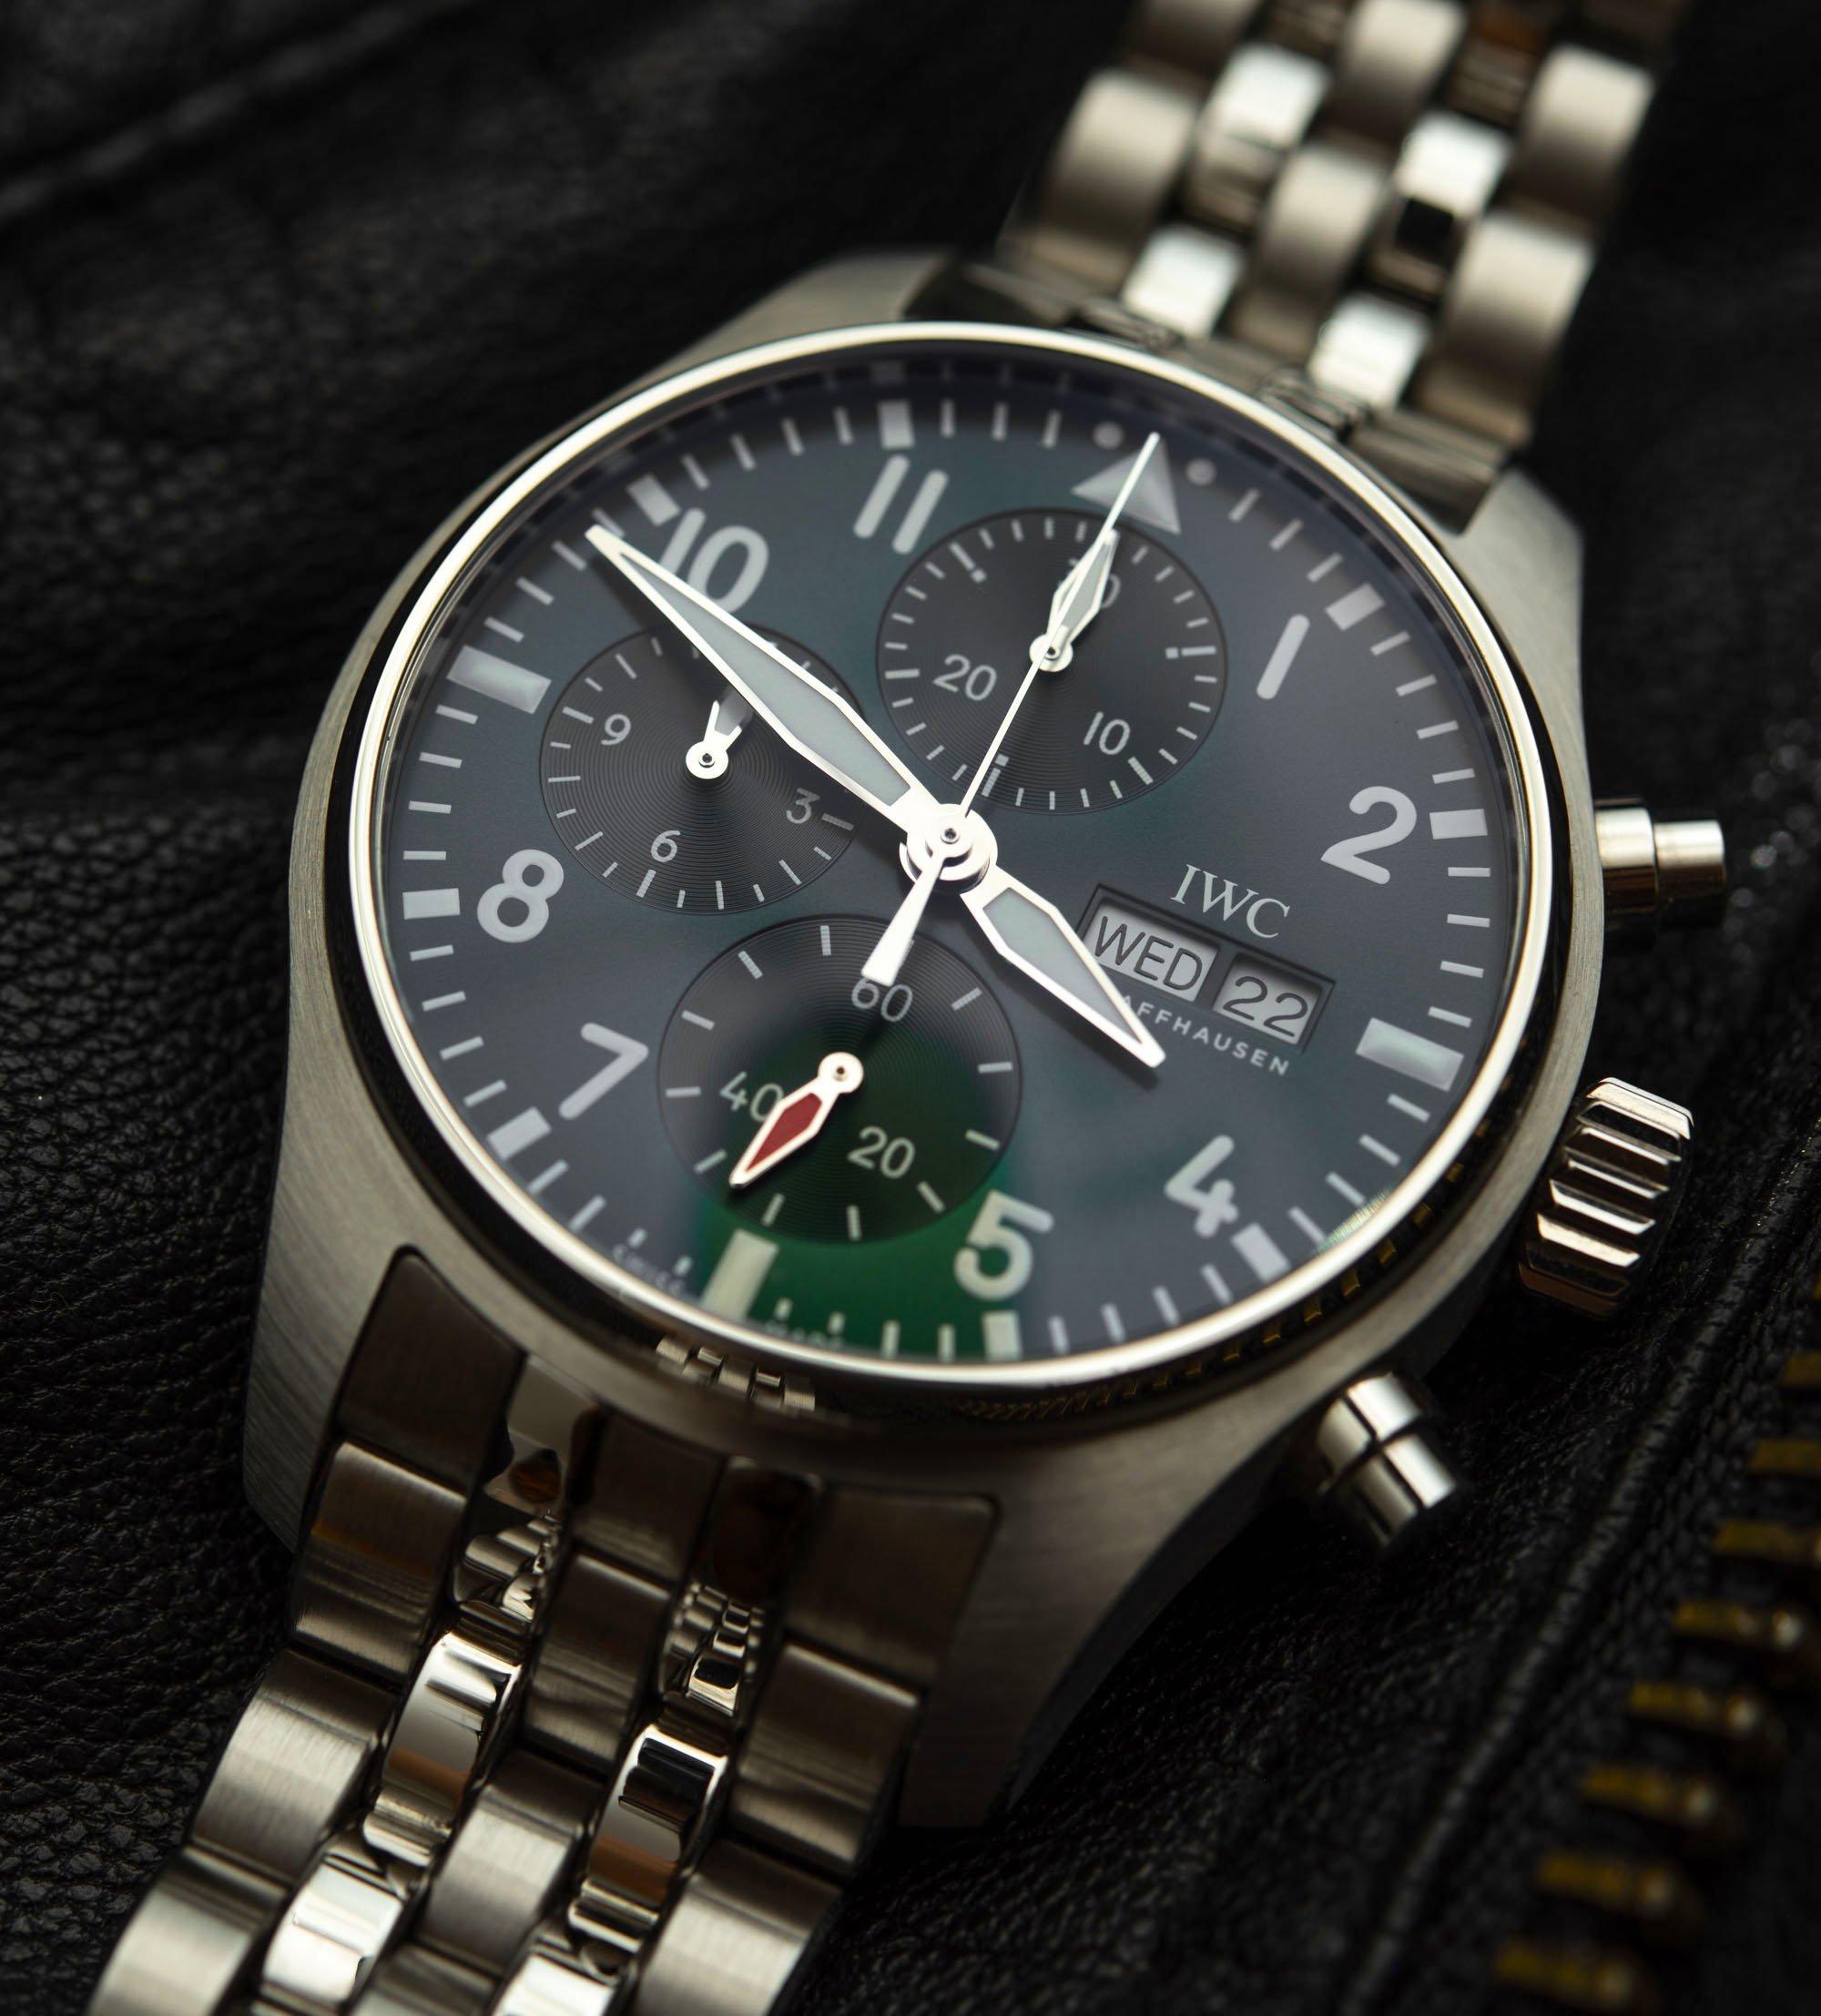 Обзор часов: IWC Pilot's Watch Chronograph 41 с зеленым циферблатом